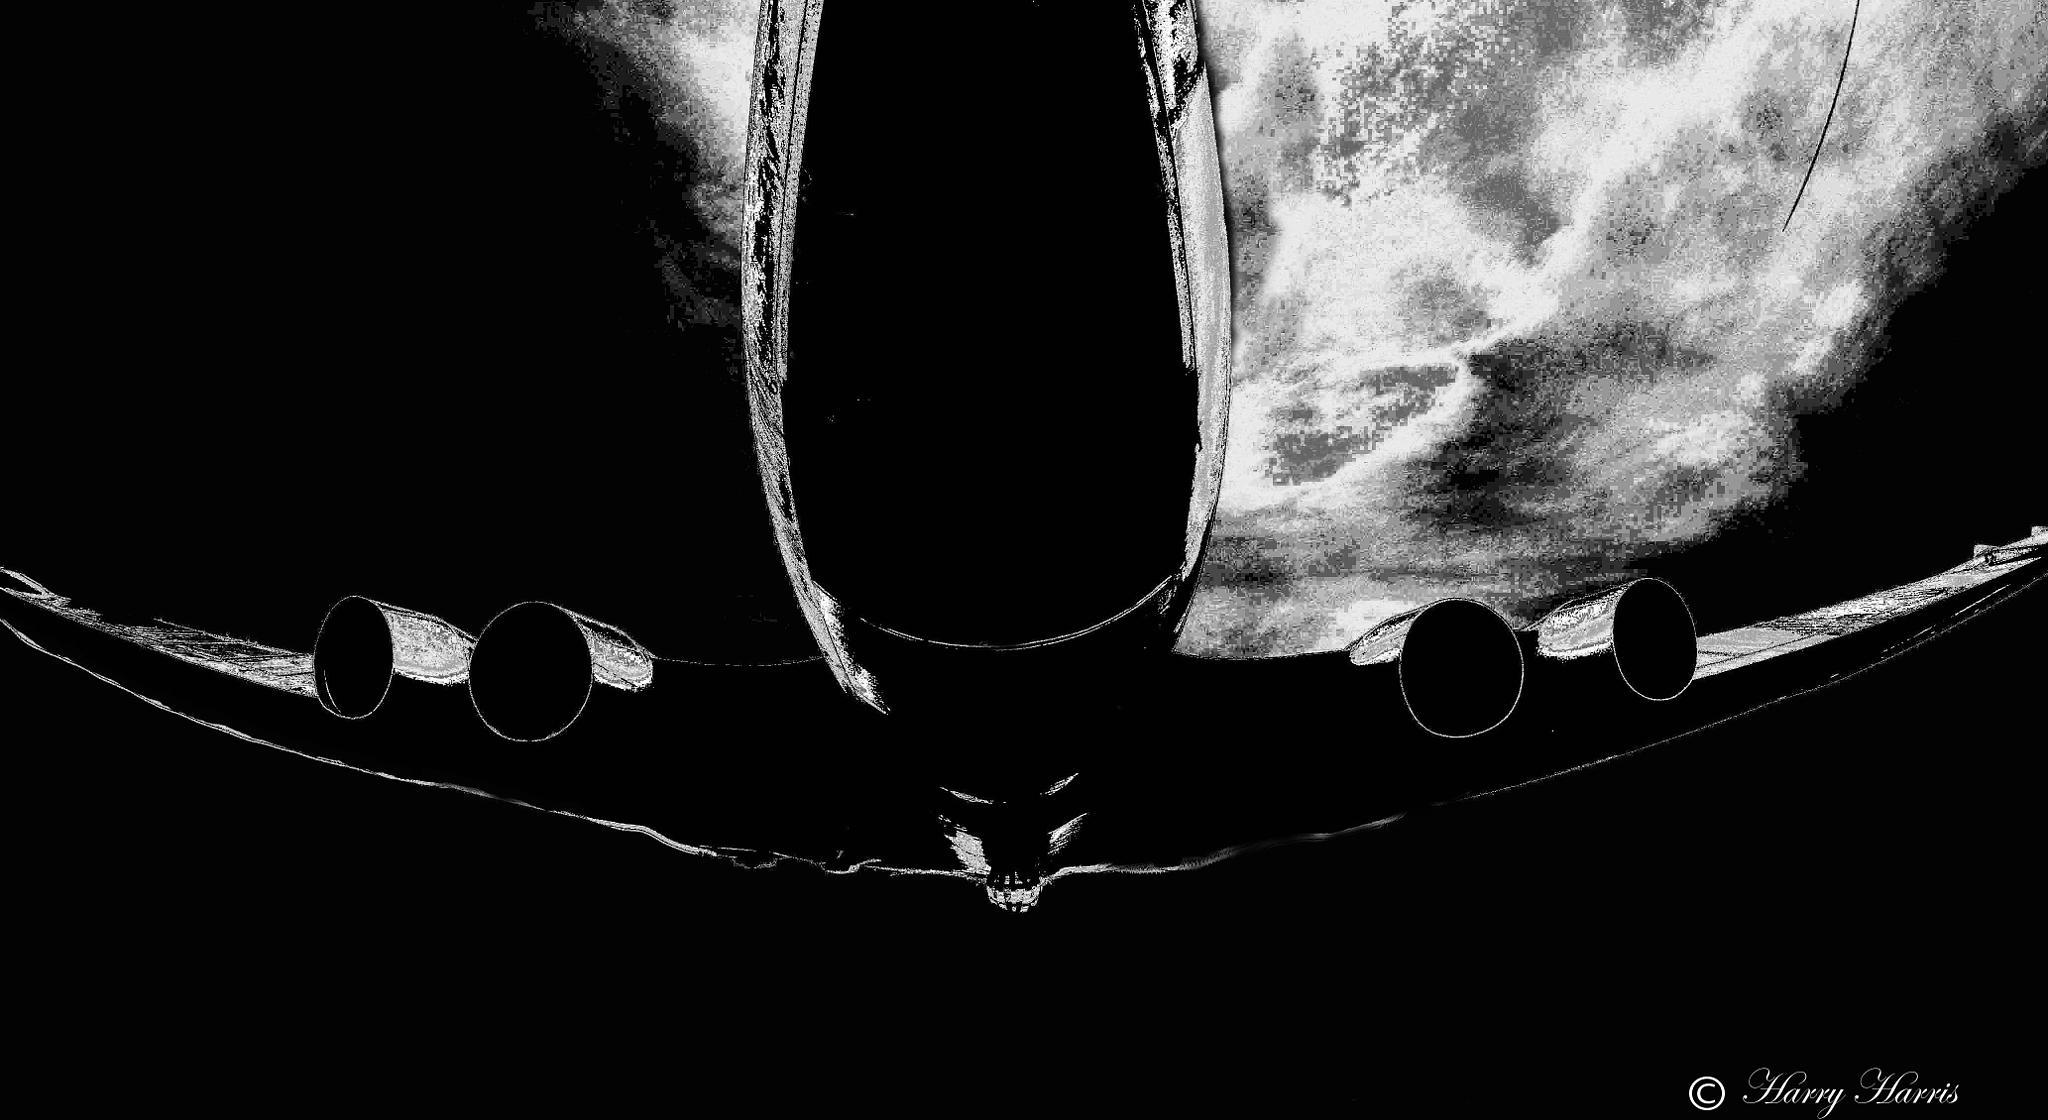 Moonlight Sortie. by Harry Harris.